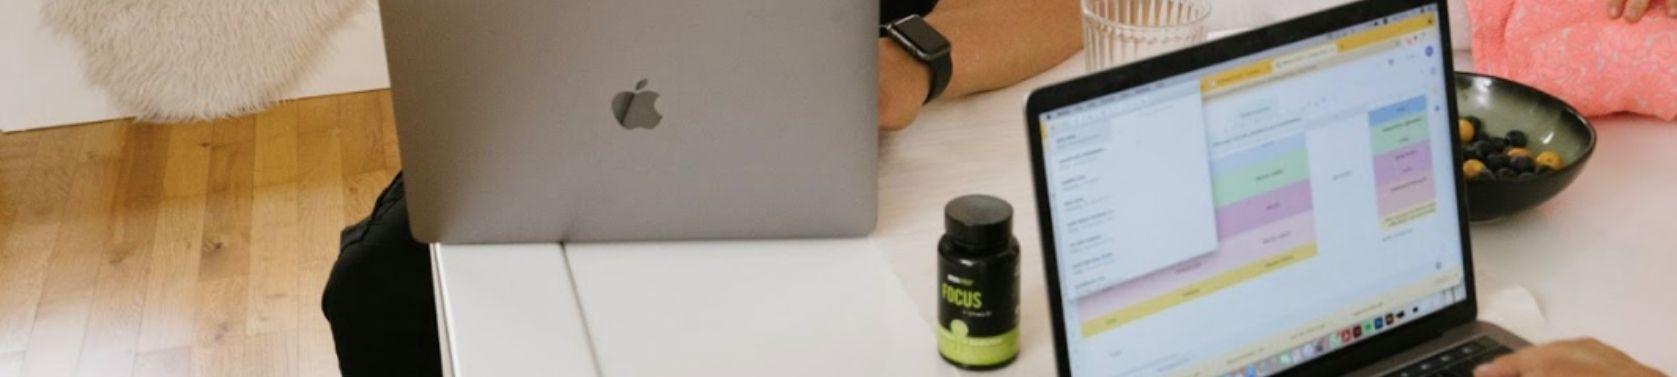 Cortisol: So kannst du das Stresshormon natürlich senken